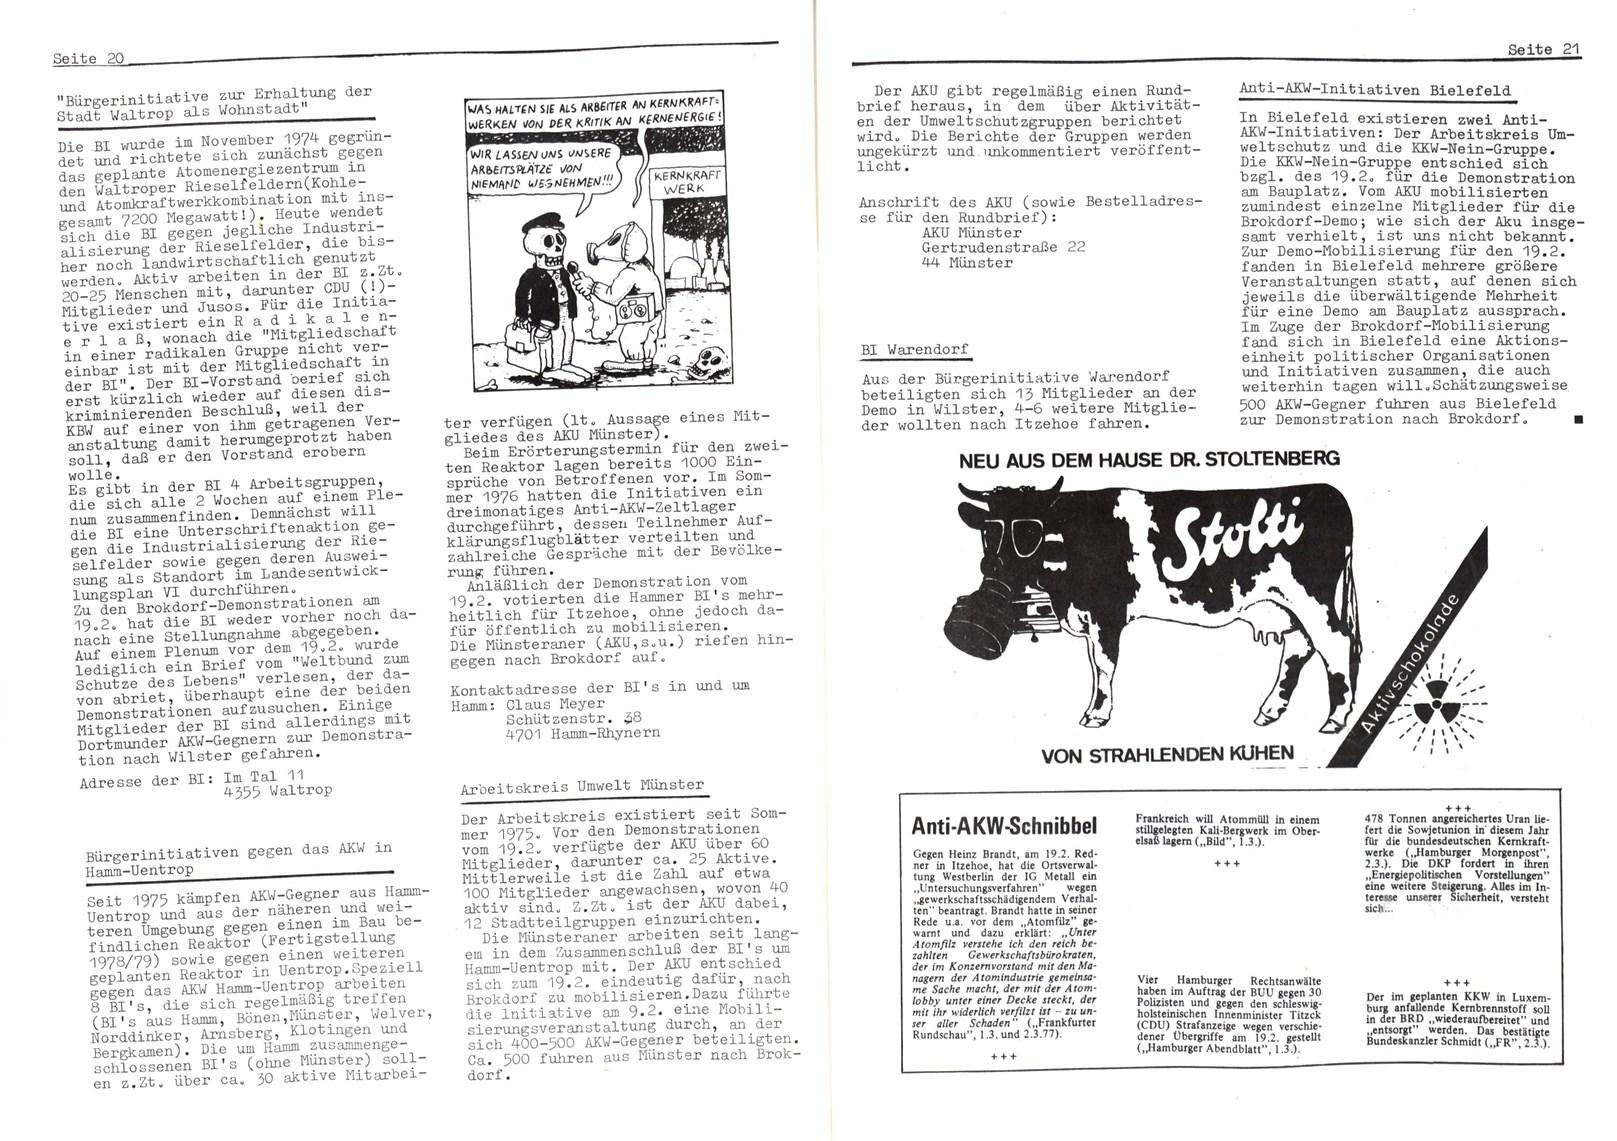 Bochum_KB_1977_Kein_AKW_in_NRW_12